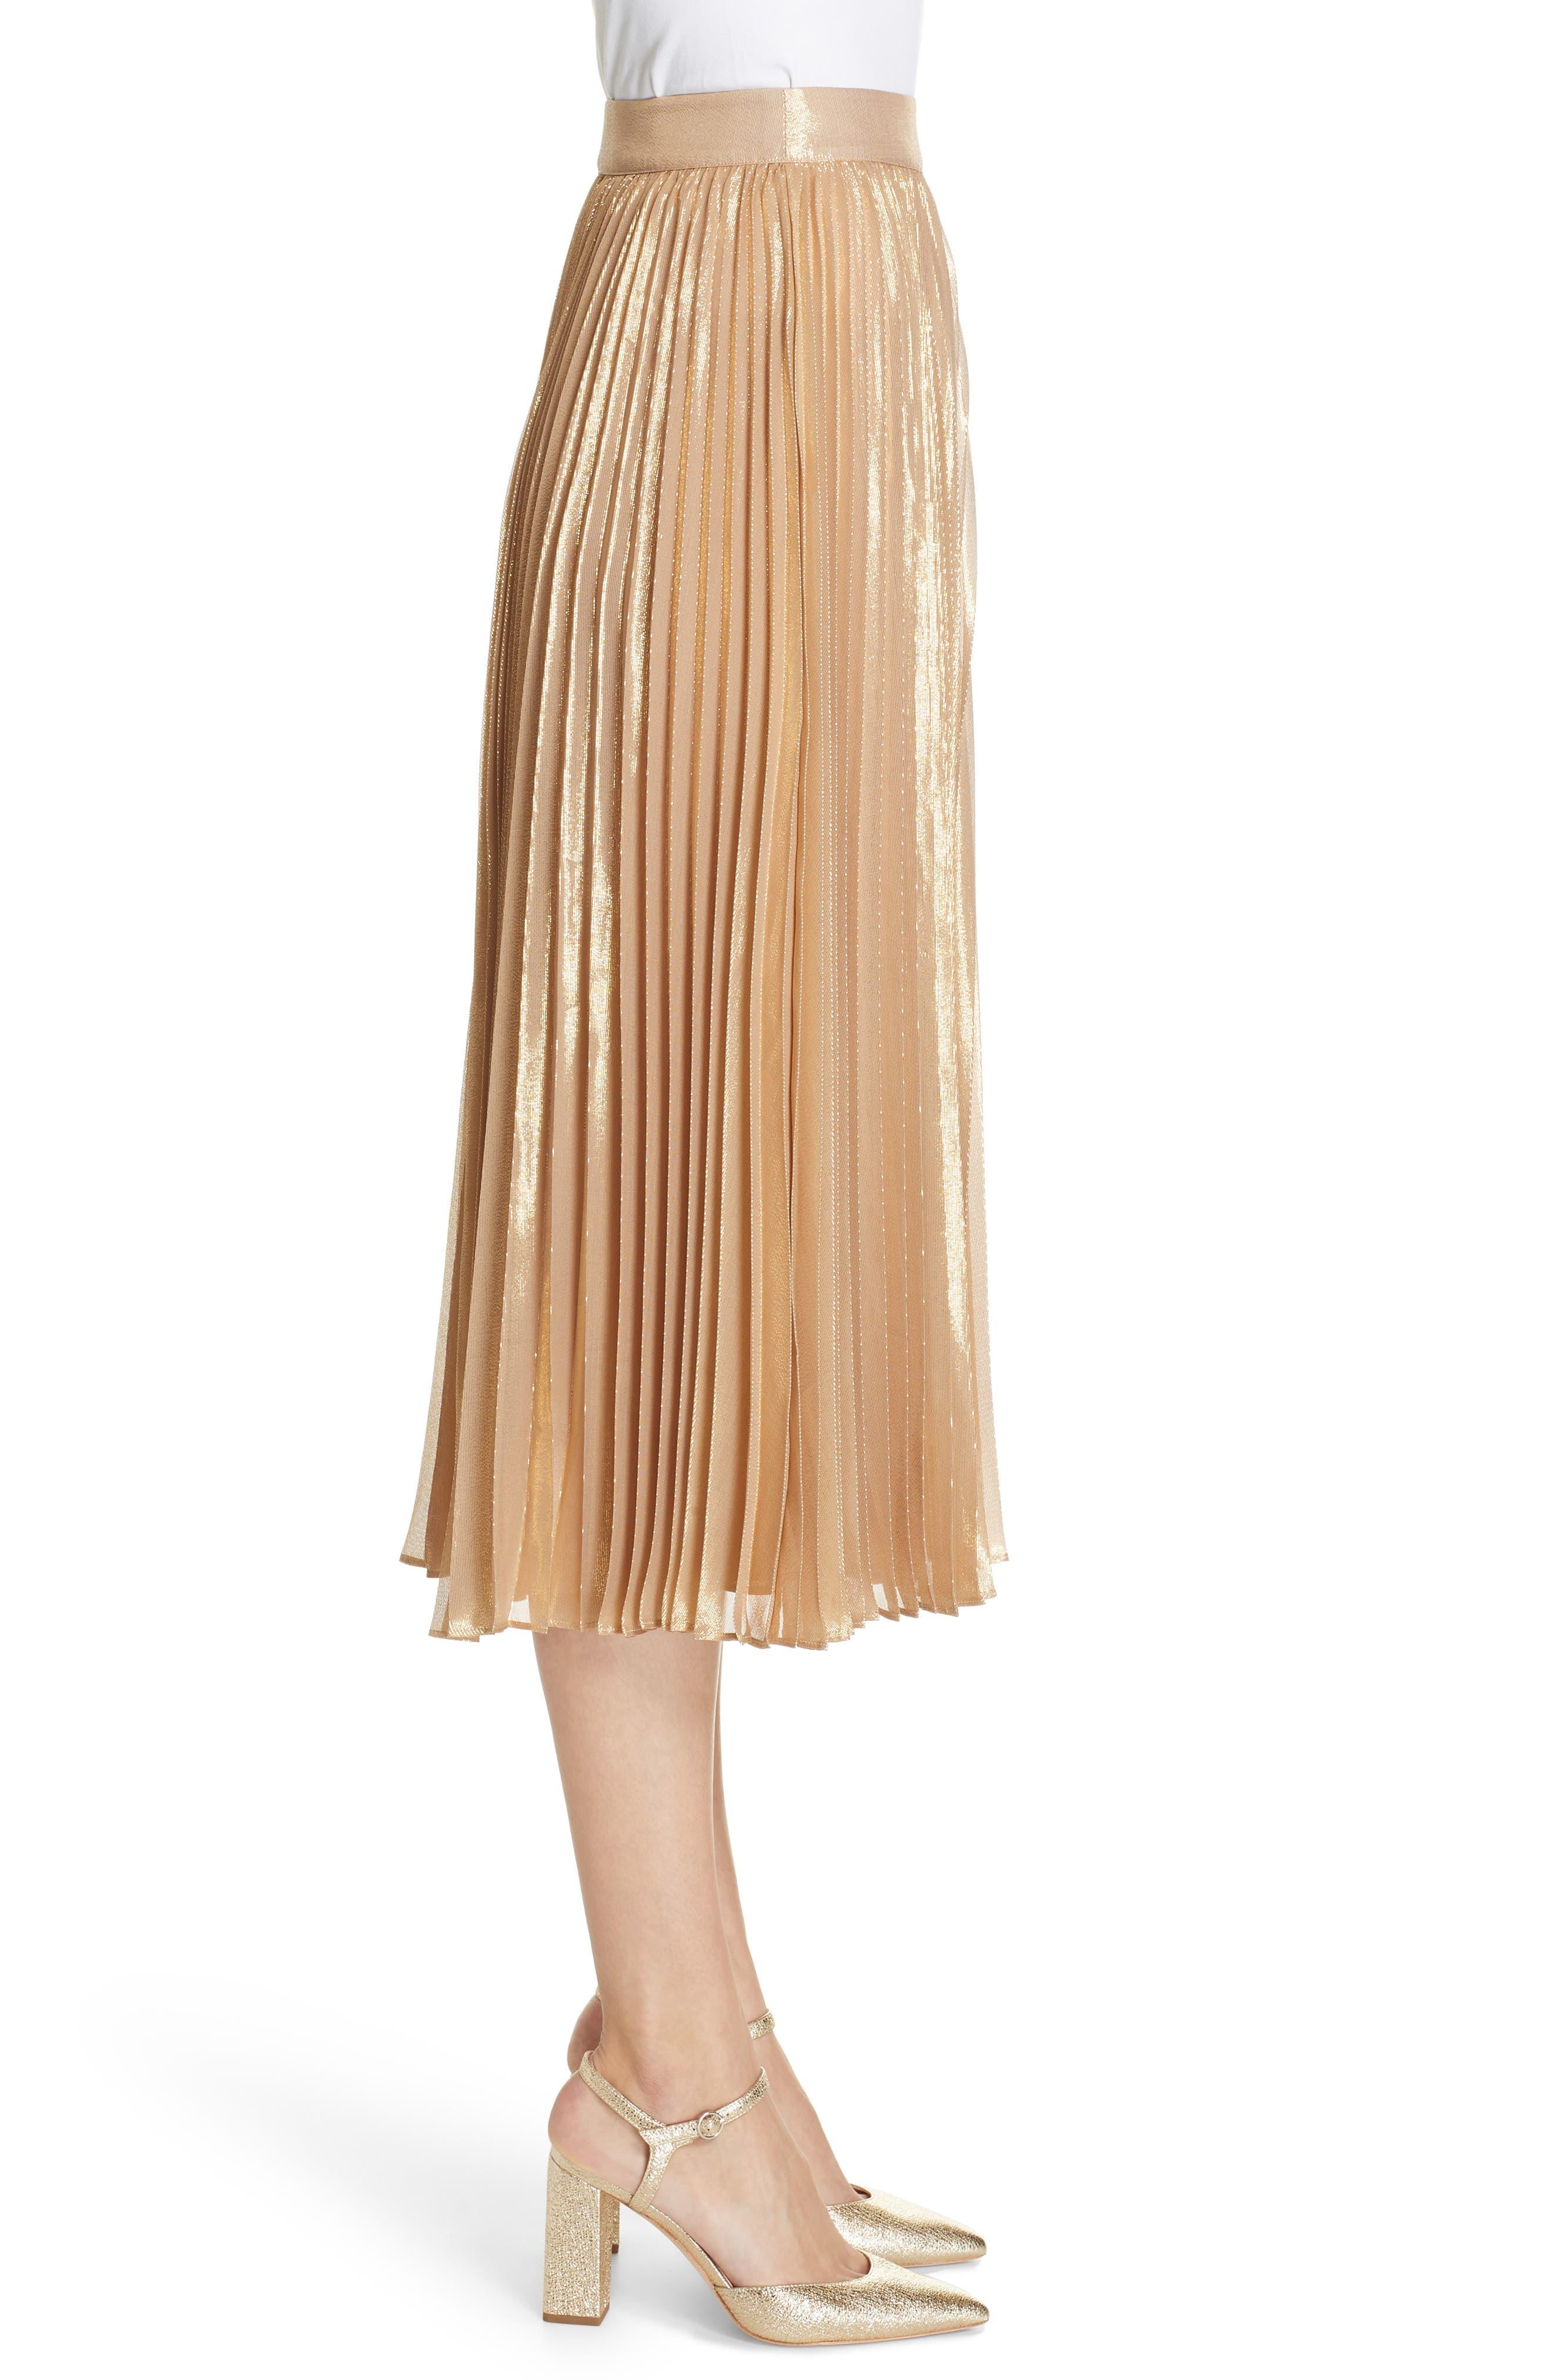 pleat metallic pleat midi skirt,                             Alternate thumbnail 3, color,                             ROASTED PEANUT